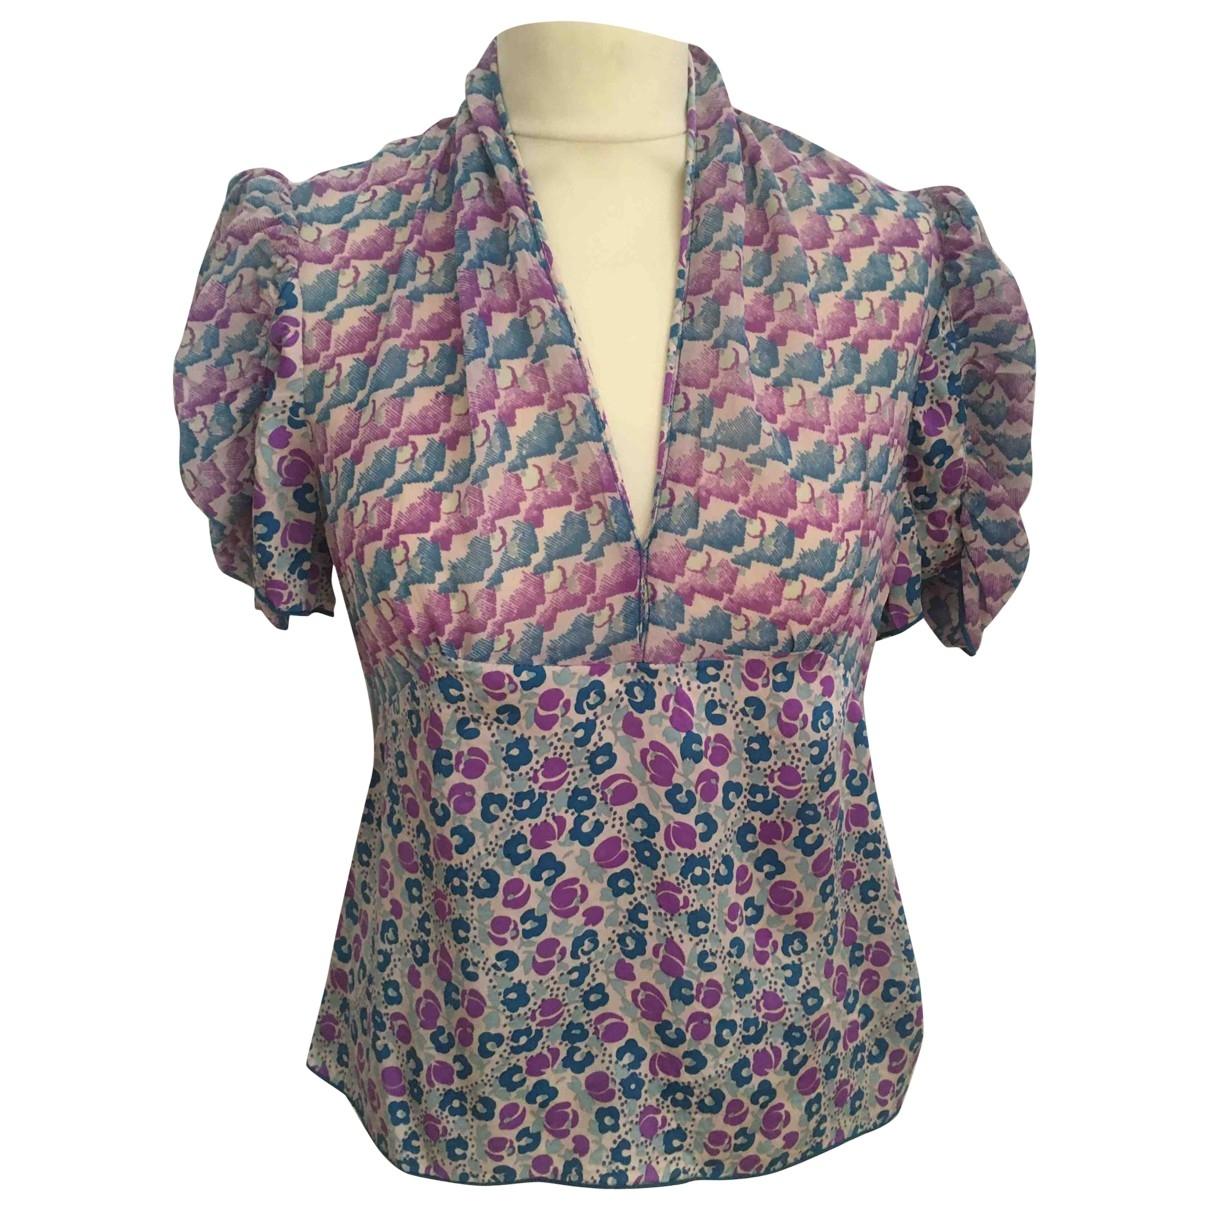 Anna Sui - Top   pour femme en soie - multicolore